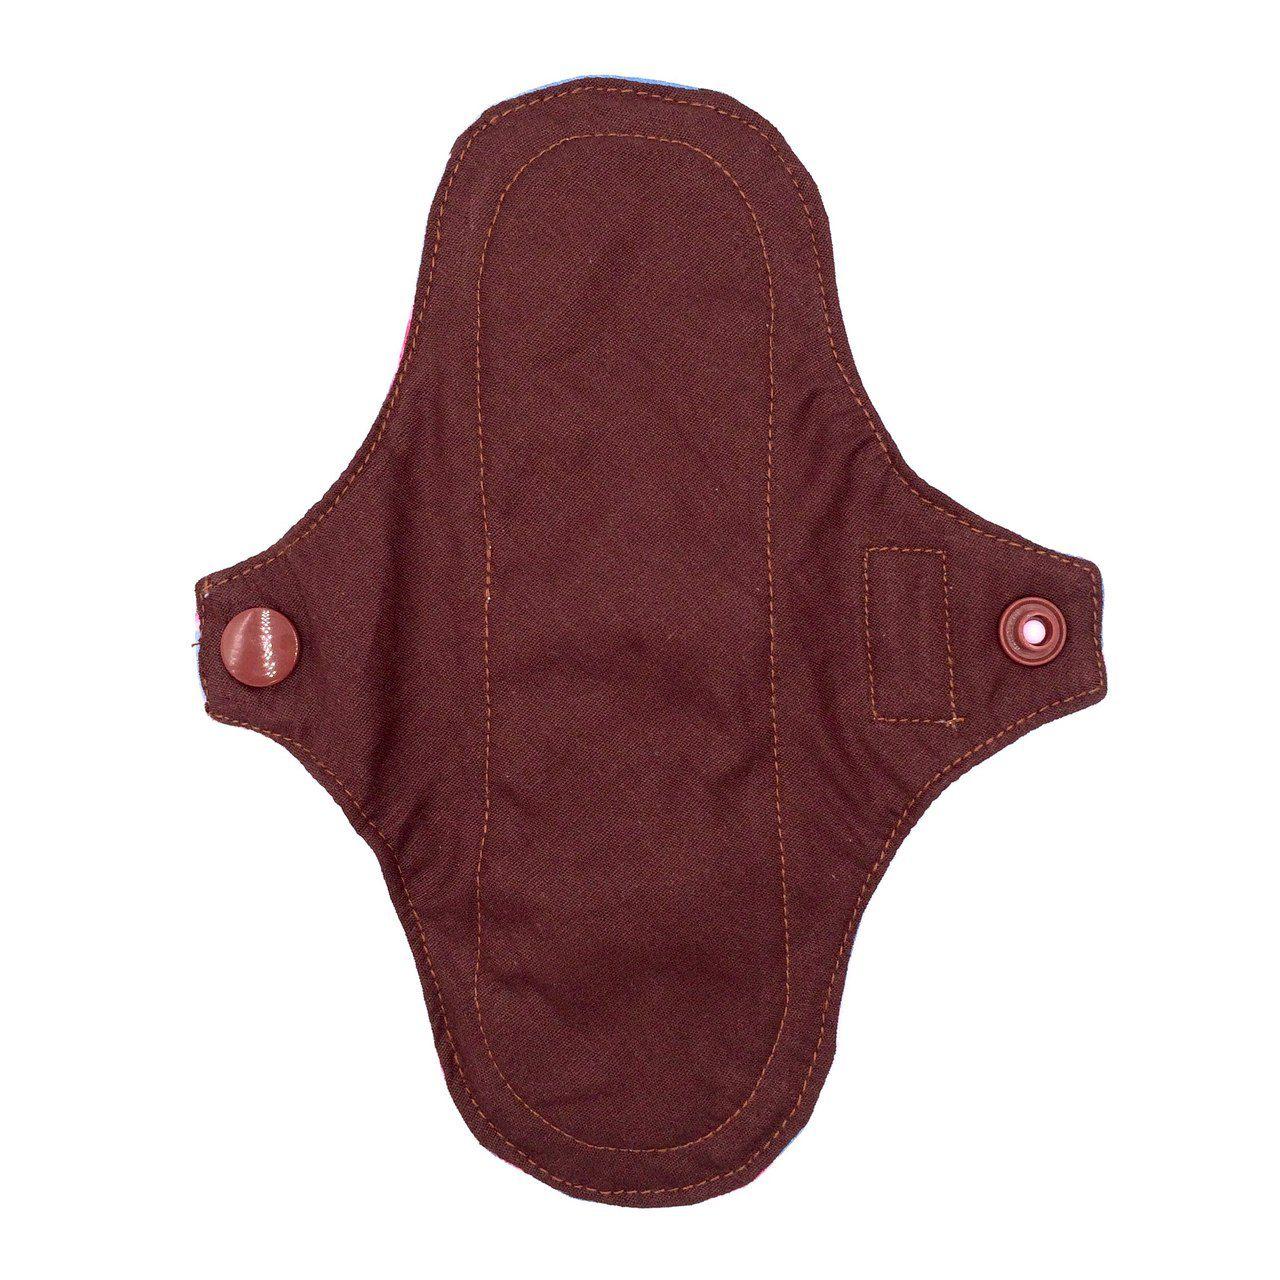 Kit de Absorventes Reutilizáveis Korui Proteção com Abas - Conforto Natural